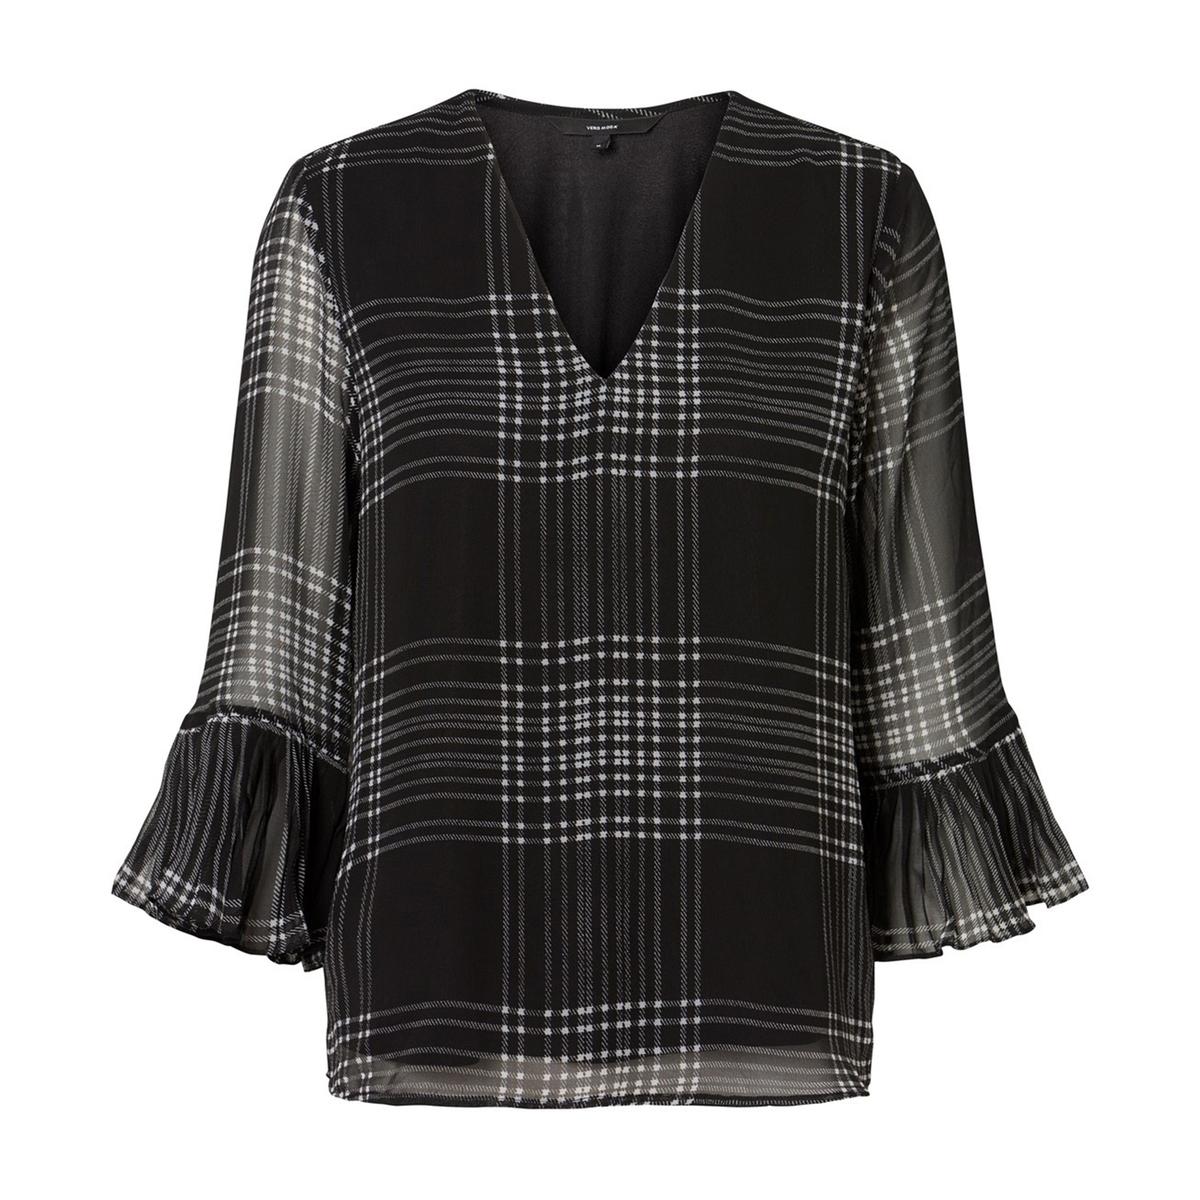 Блузка с V-образным вырезом, длинными рукавами с воланами блузка в клетку с воланами и длинными рукавами check